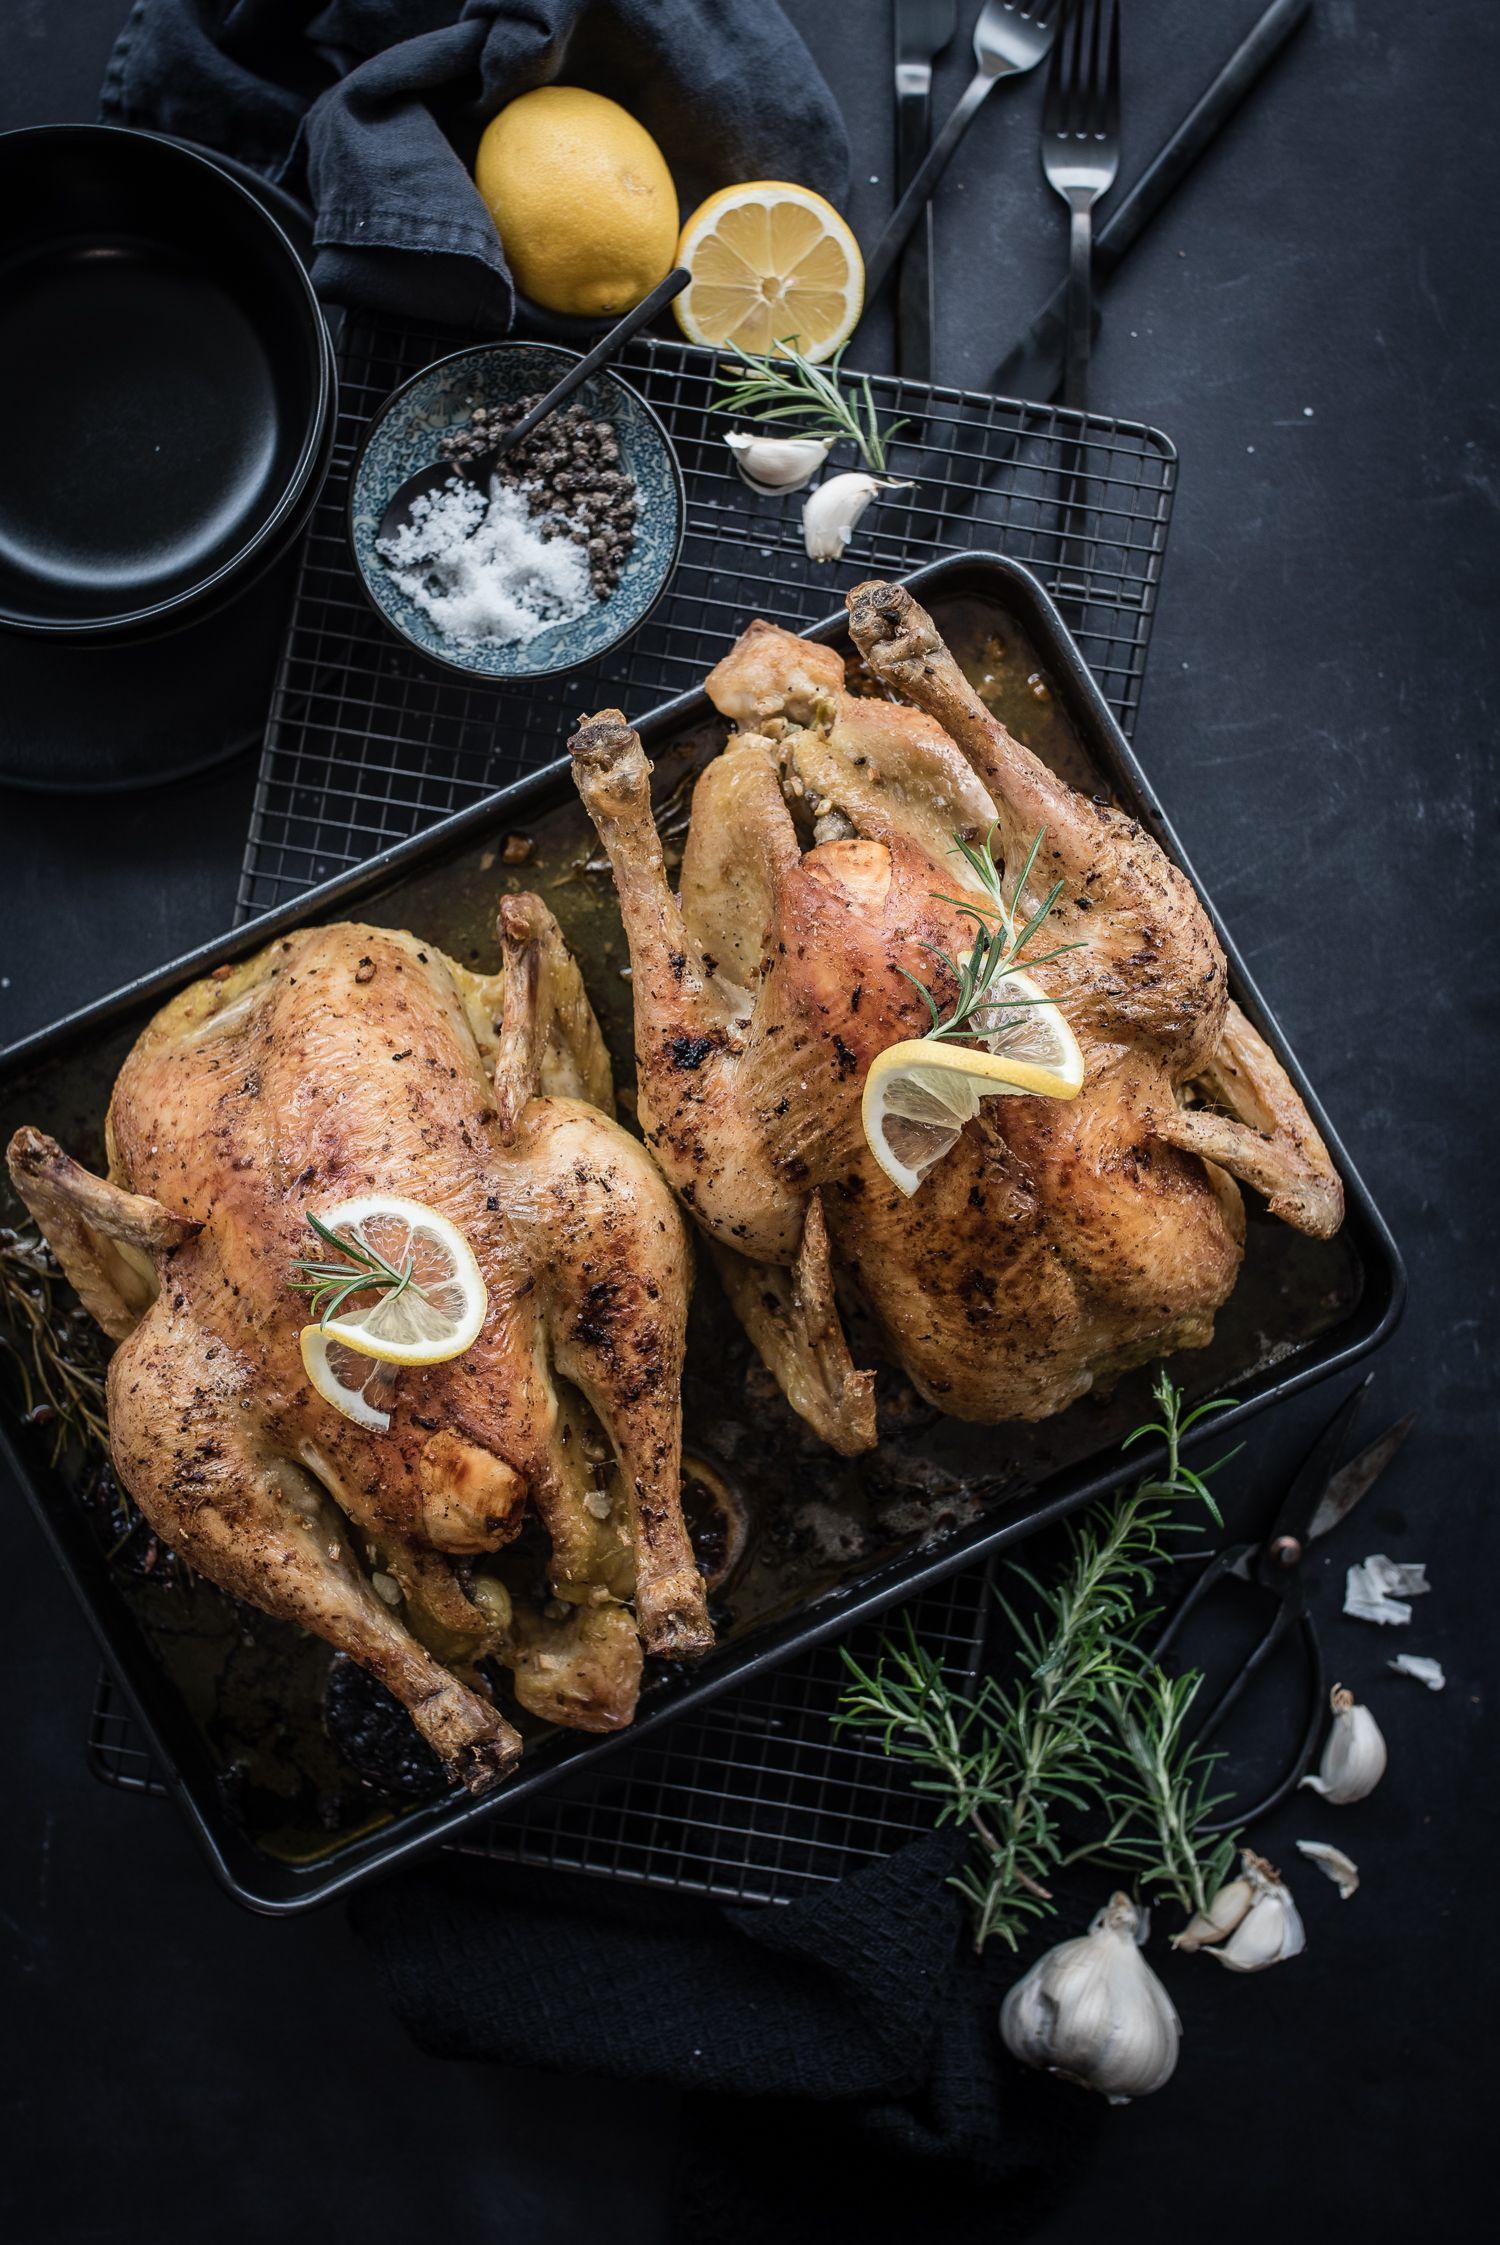 Köstliches Brathähnchen Mit Knoblauch Rosmarin Und Zitrone Aus Dem